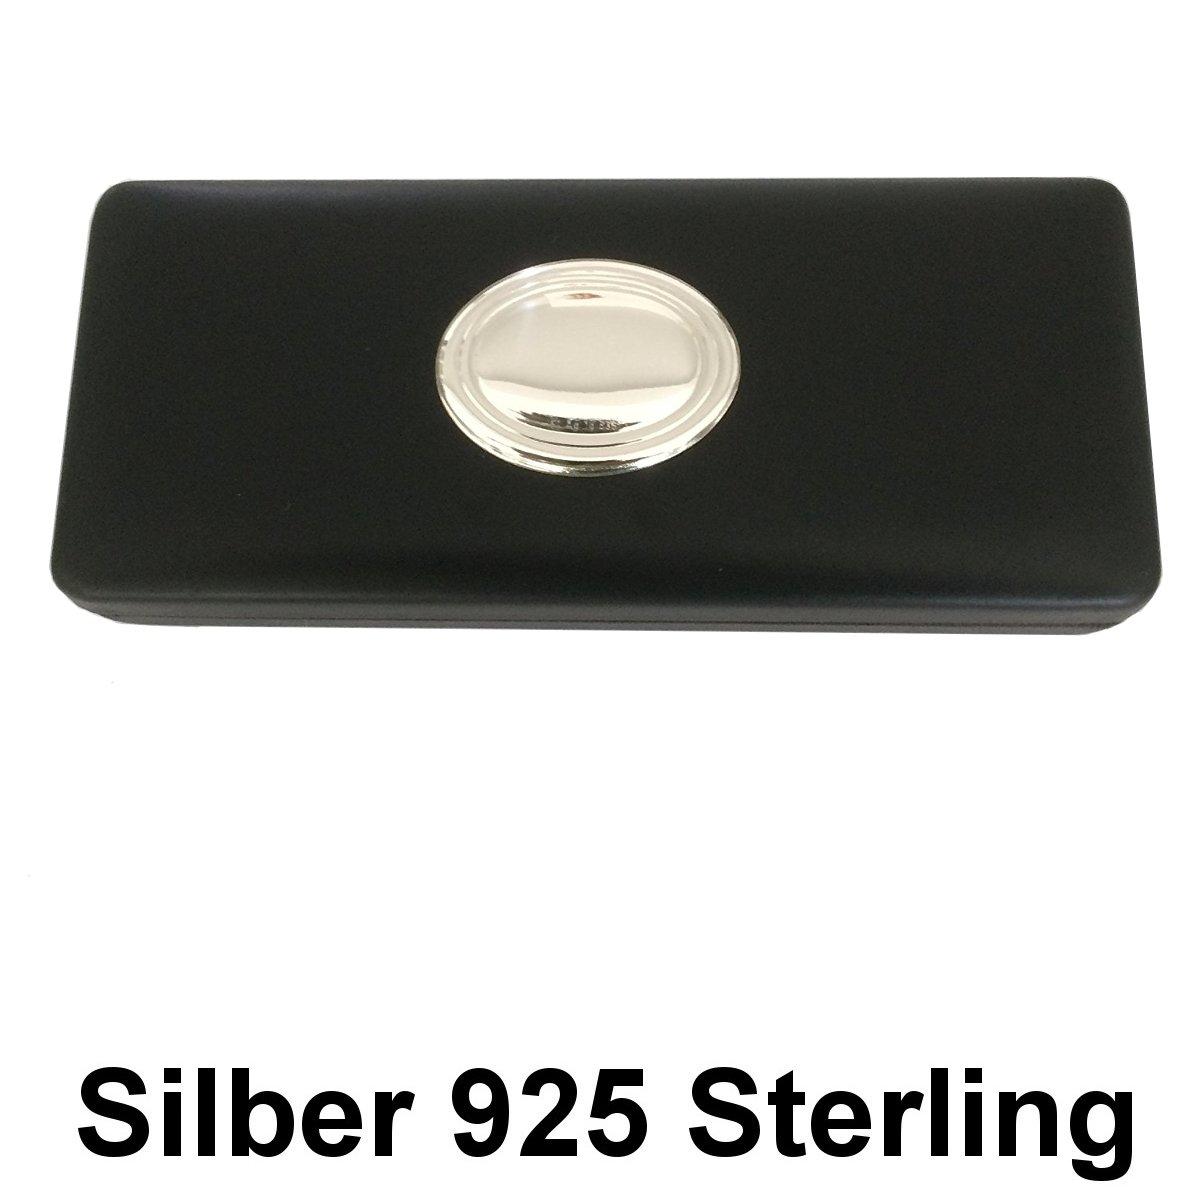 Astuccio Firenze 7 x 17 cm con medaglione in argento 925 e pelle